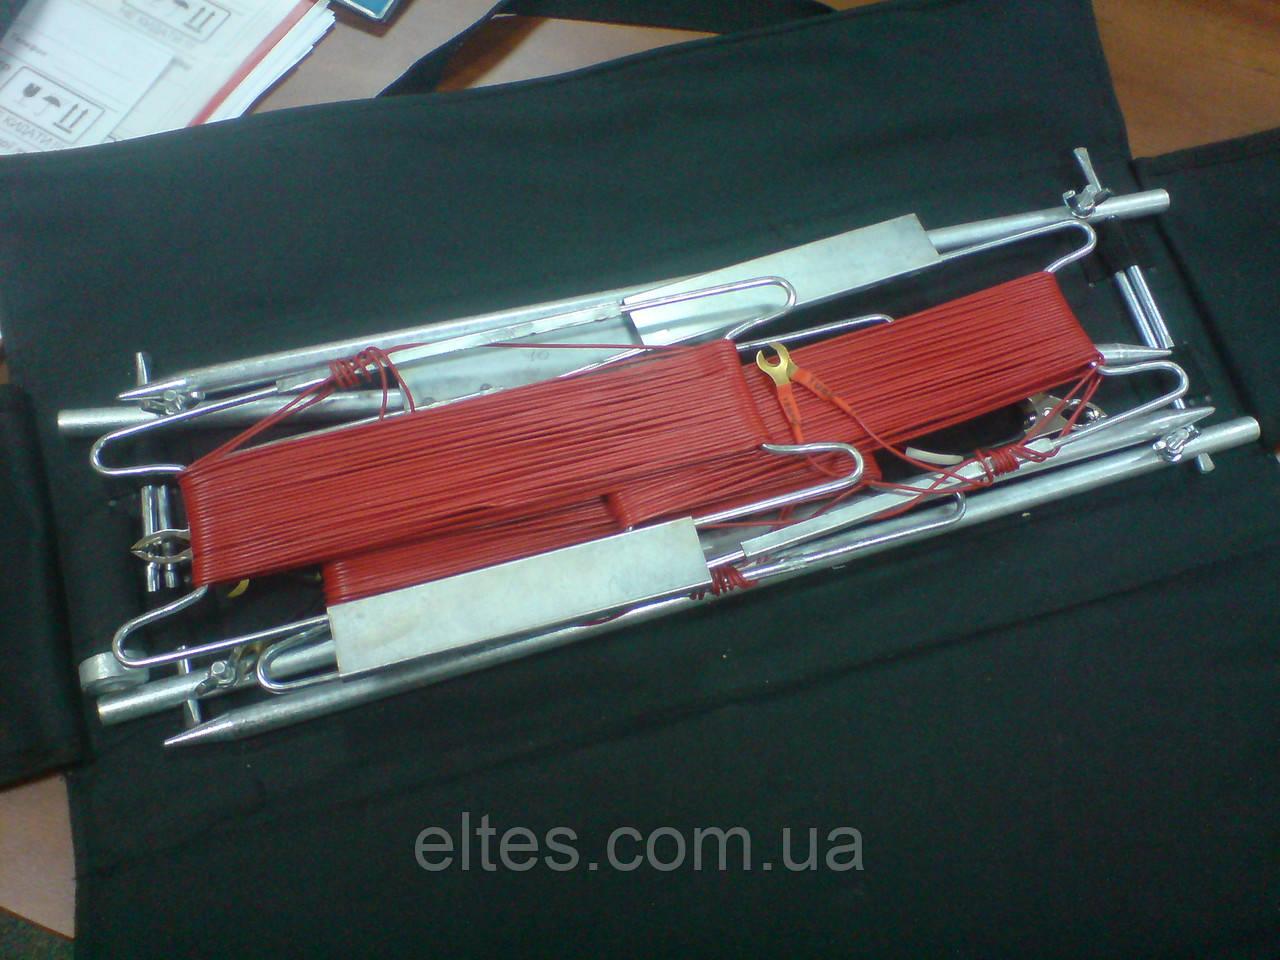 КП183 измерение сопротивления грунта (к ЕР183М)